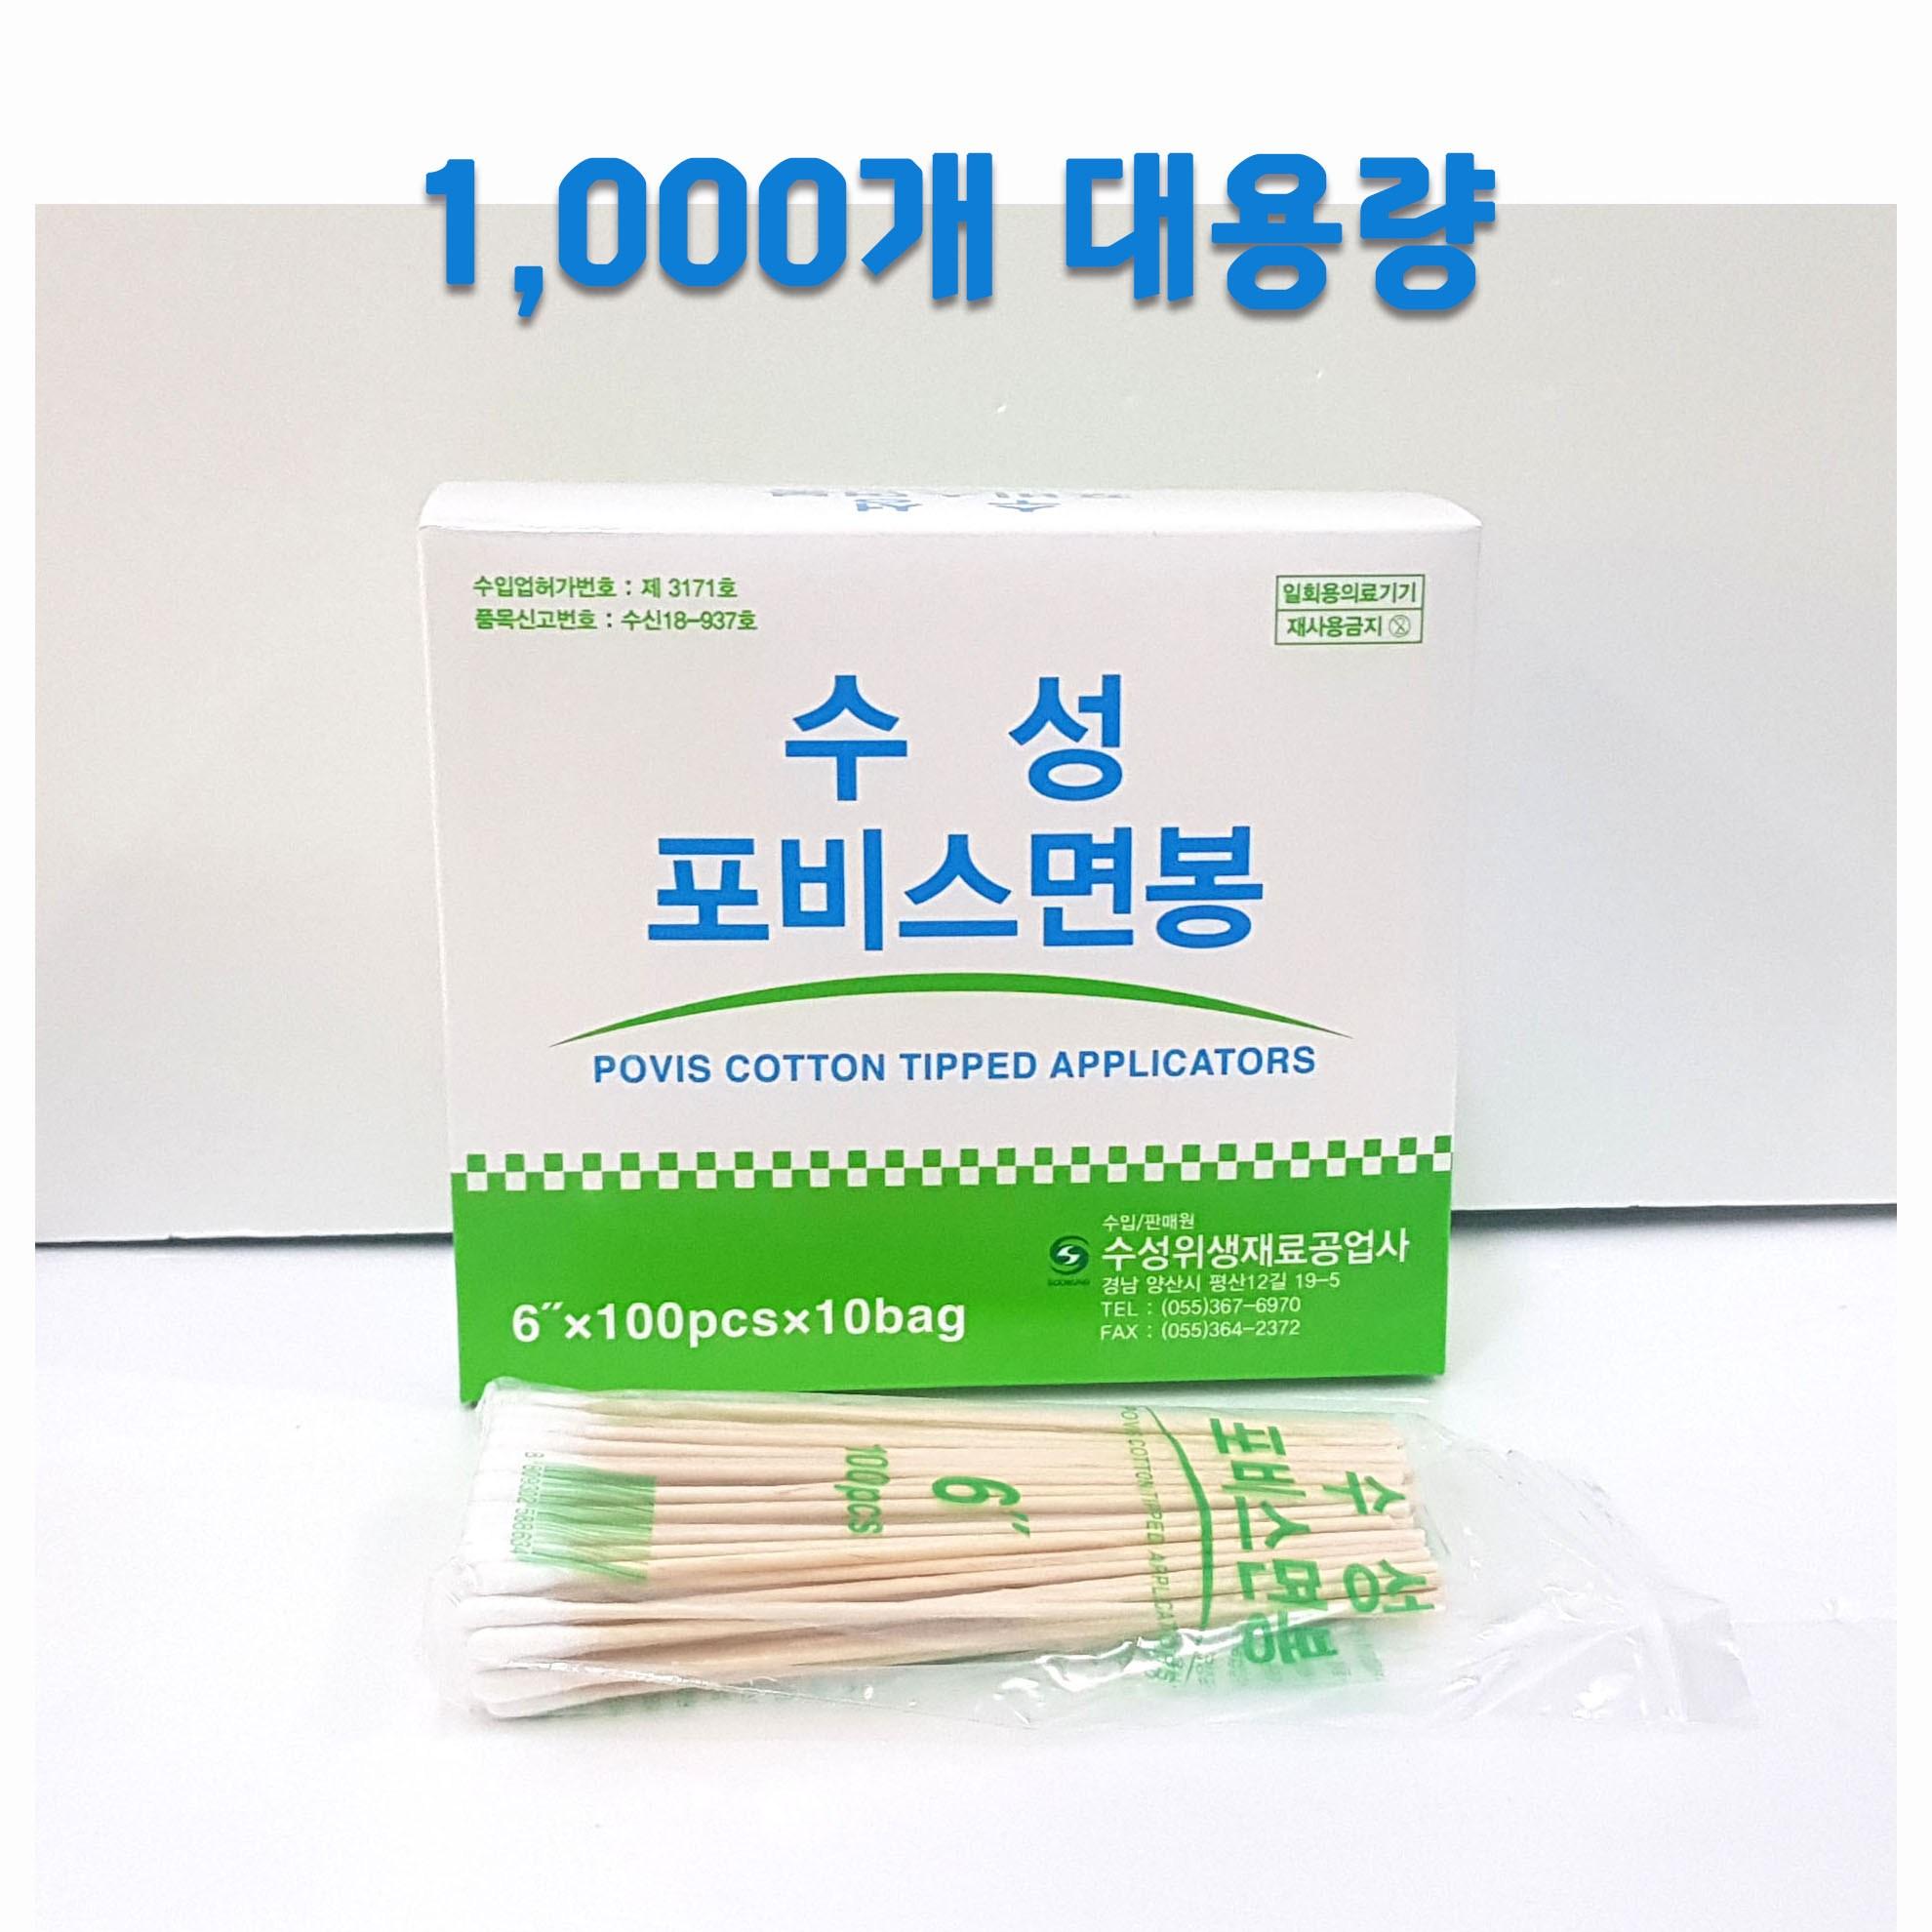 수성 포비스 솜면봉 긴면봉 15cm 1 000개, 1000개입 (POP 5056566117)